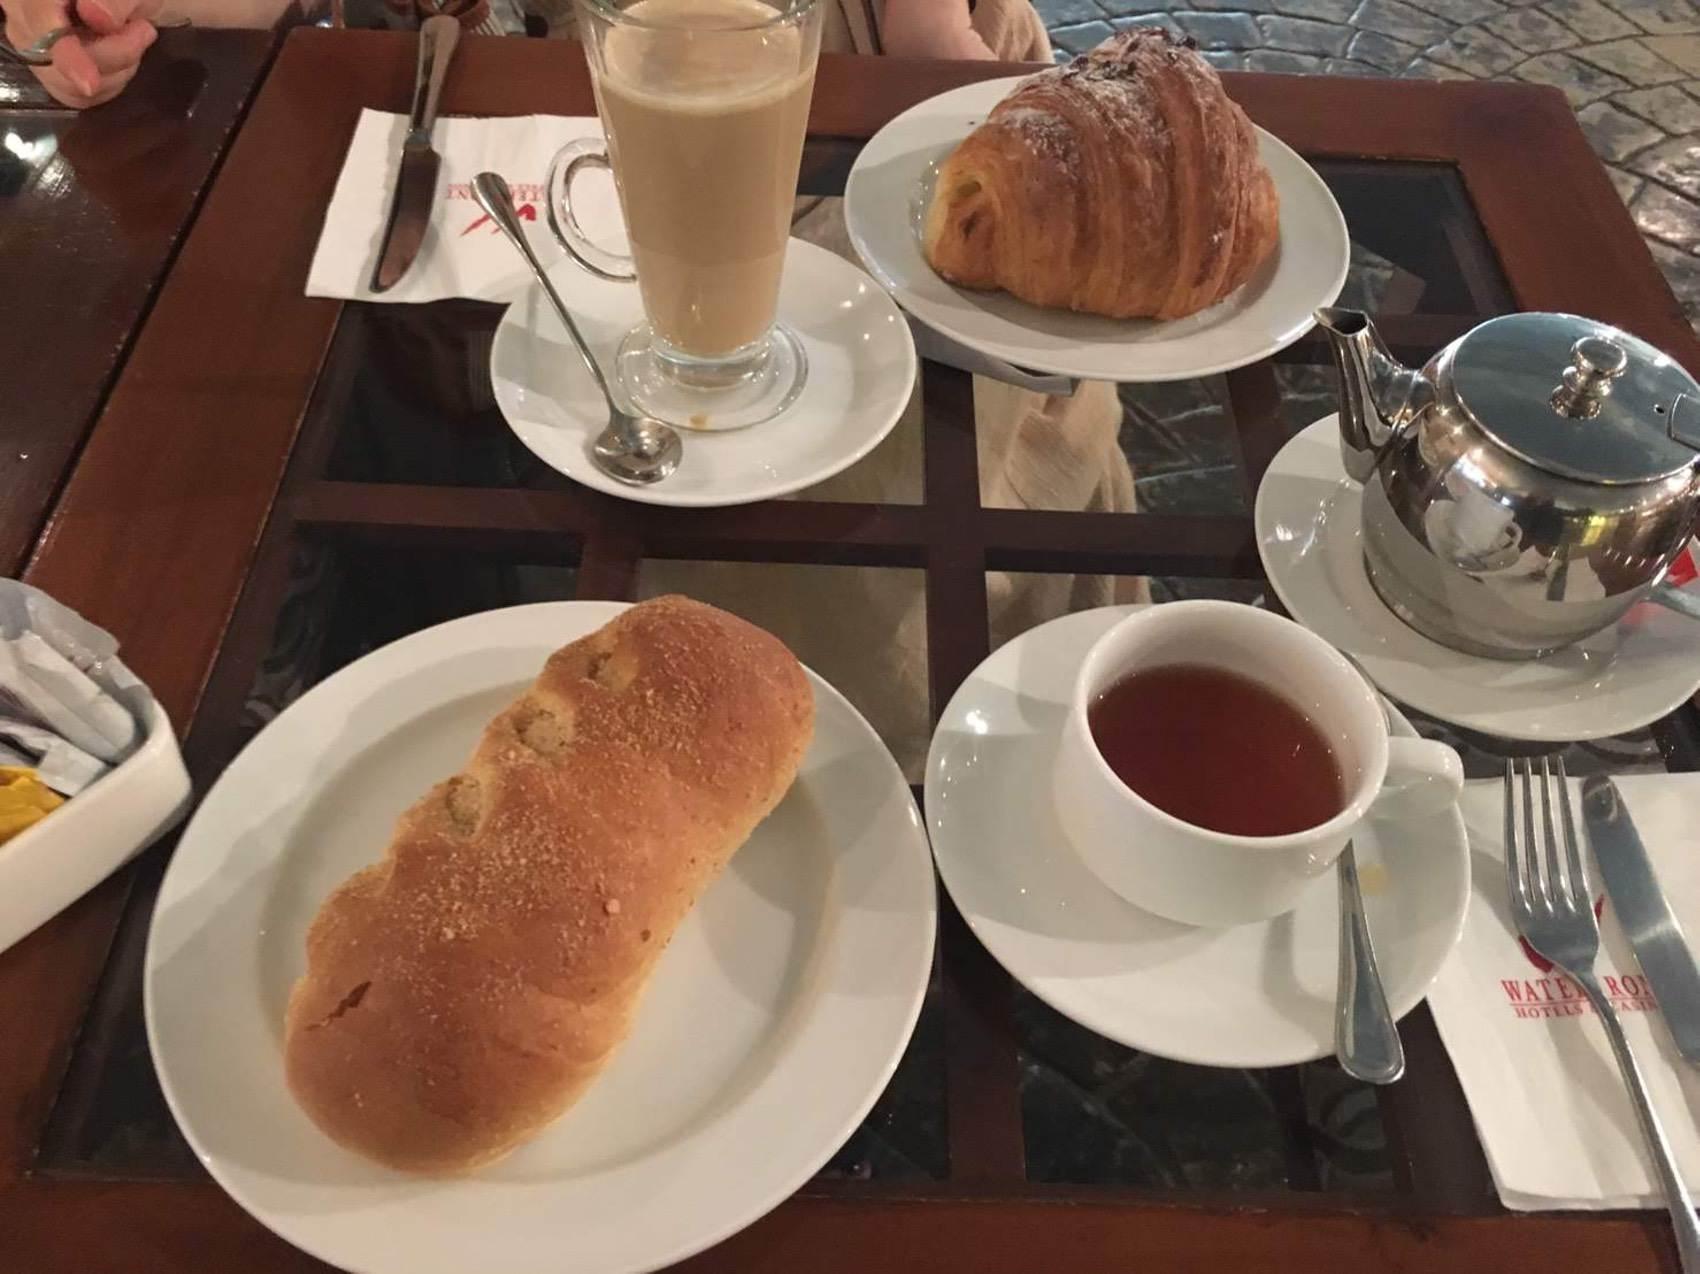 パンとカフェラテ、紅茶